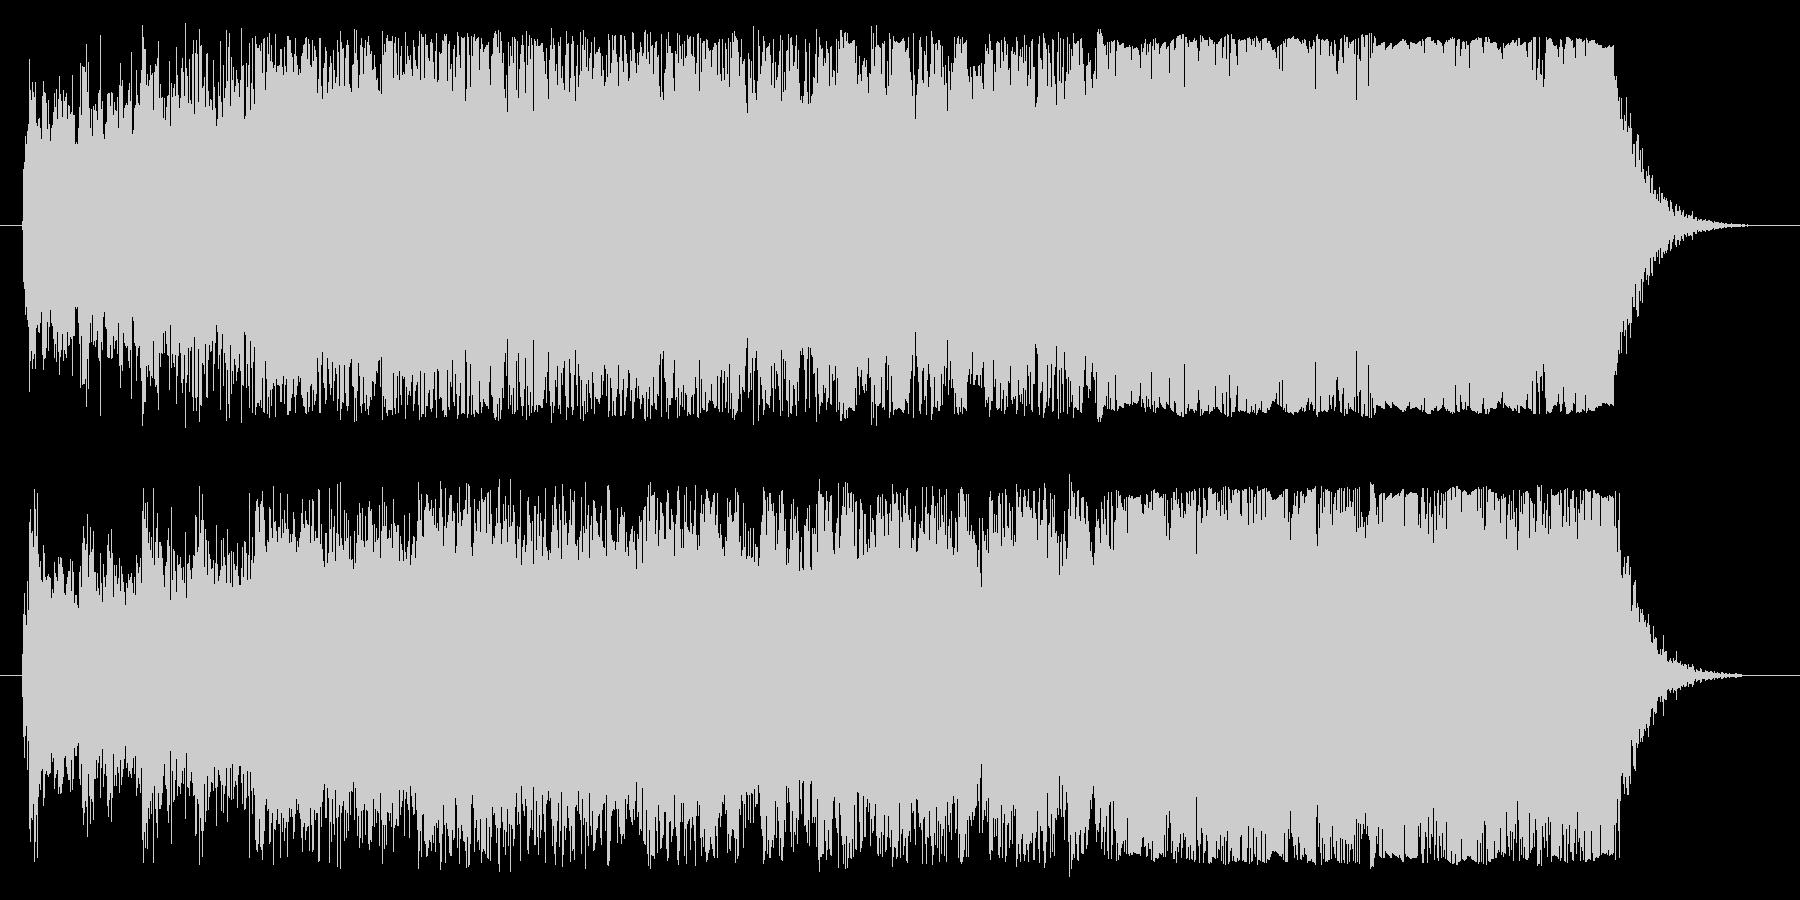 洋画のかっこいい予告編のような音楽です。の未再生の波形